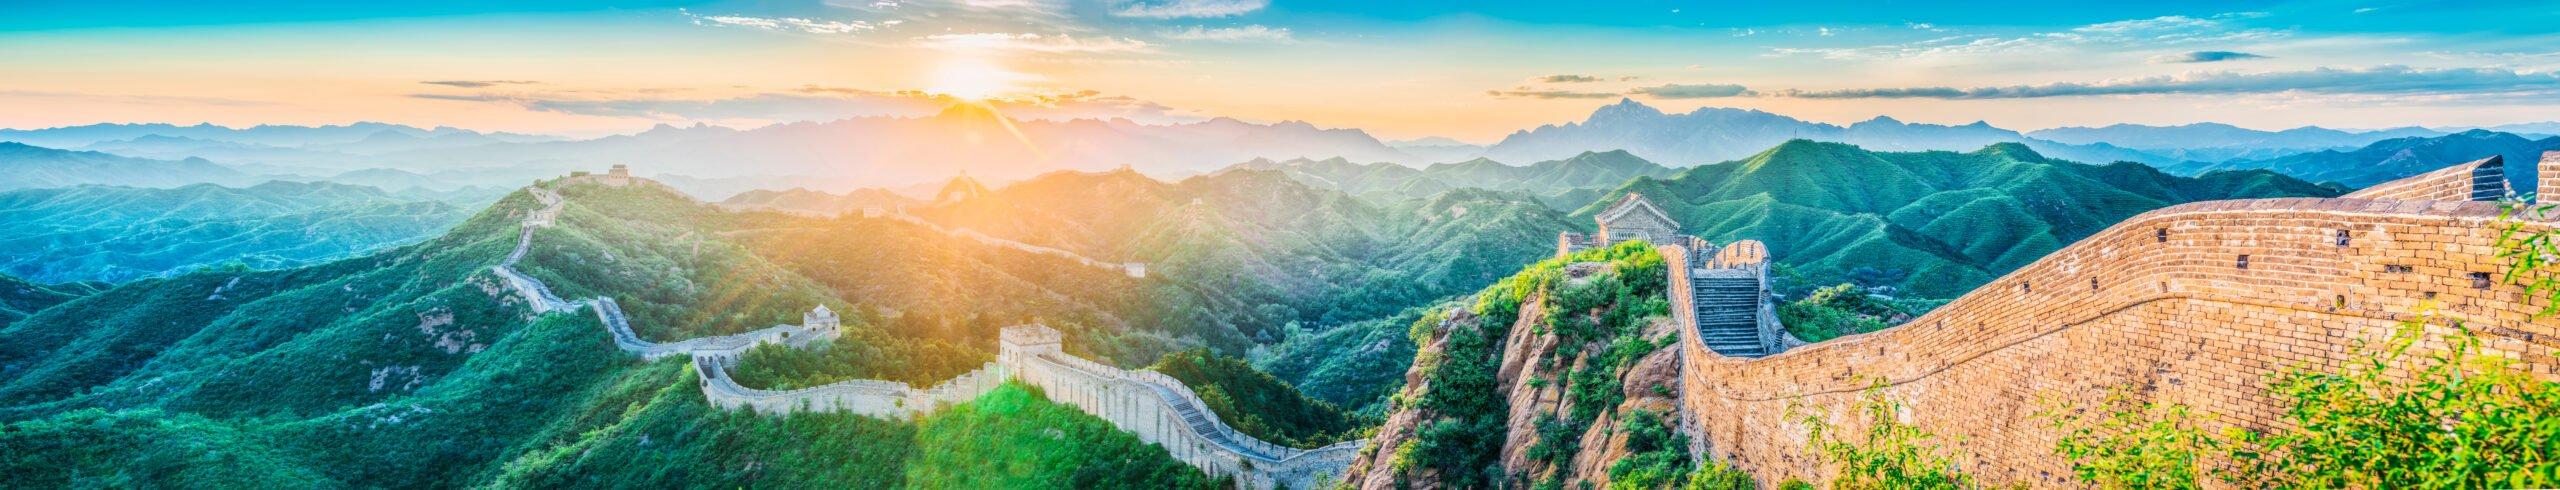 China. Travel